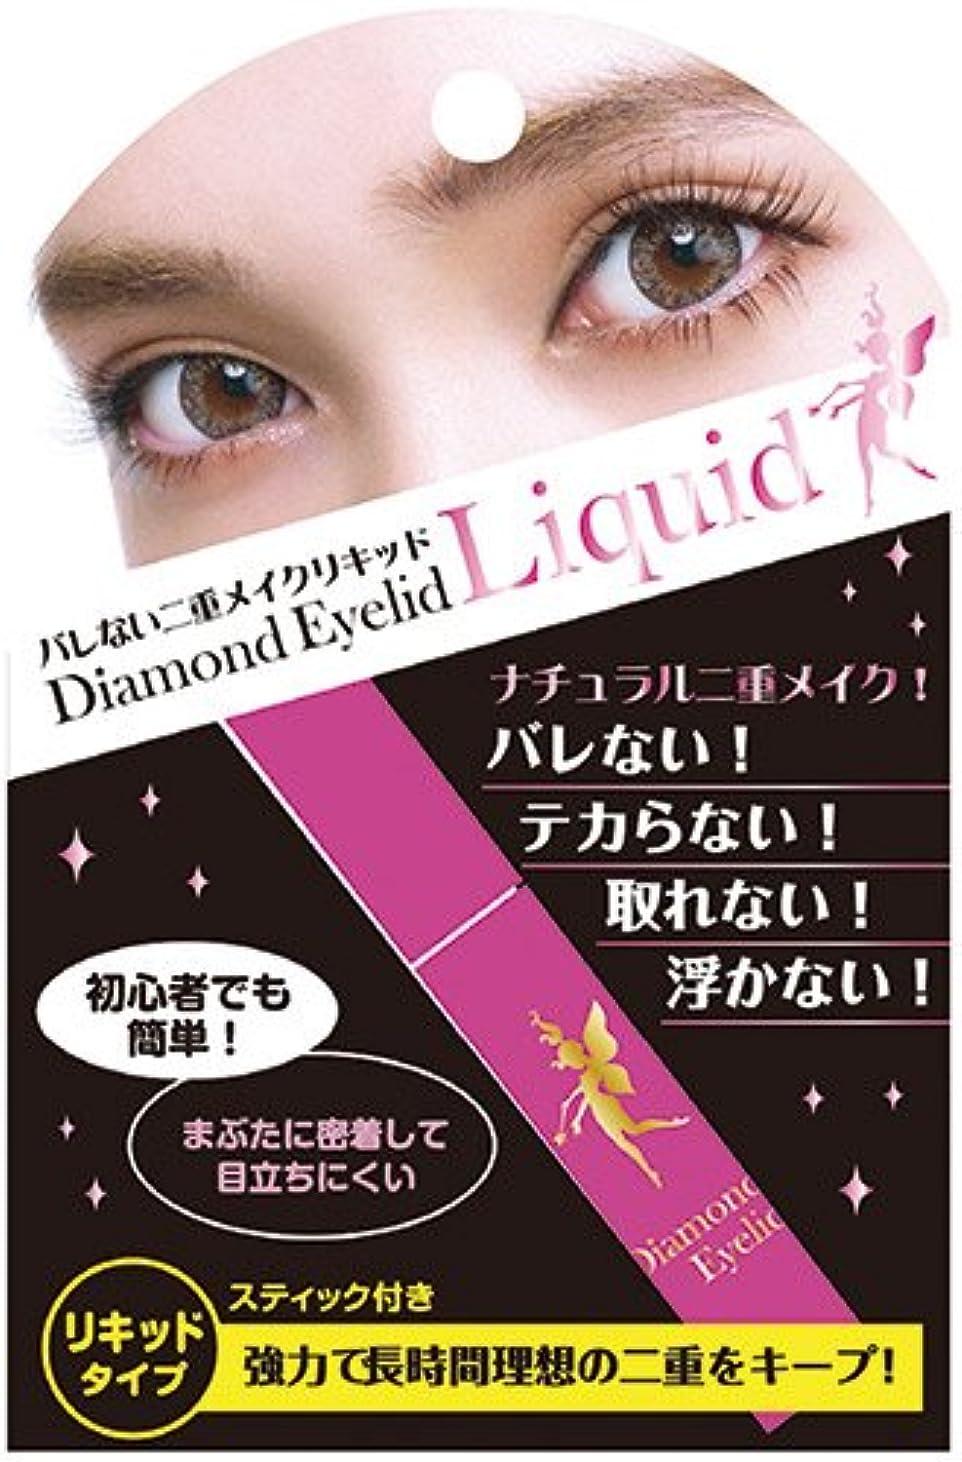 影響するれるお勧めダイヤモンドアイリッド リキッド 3ml